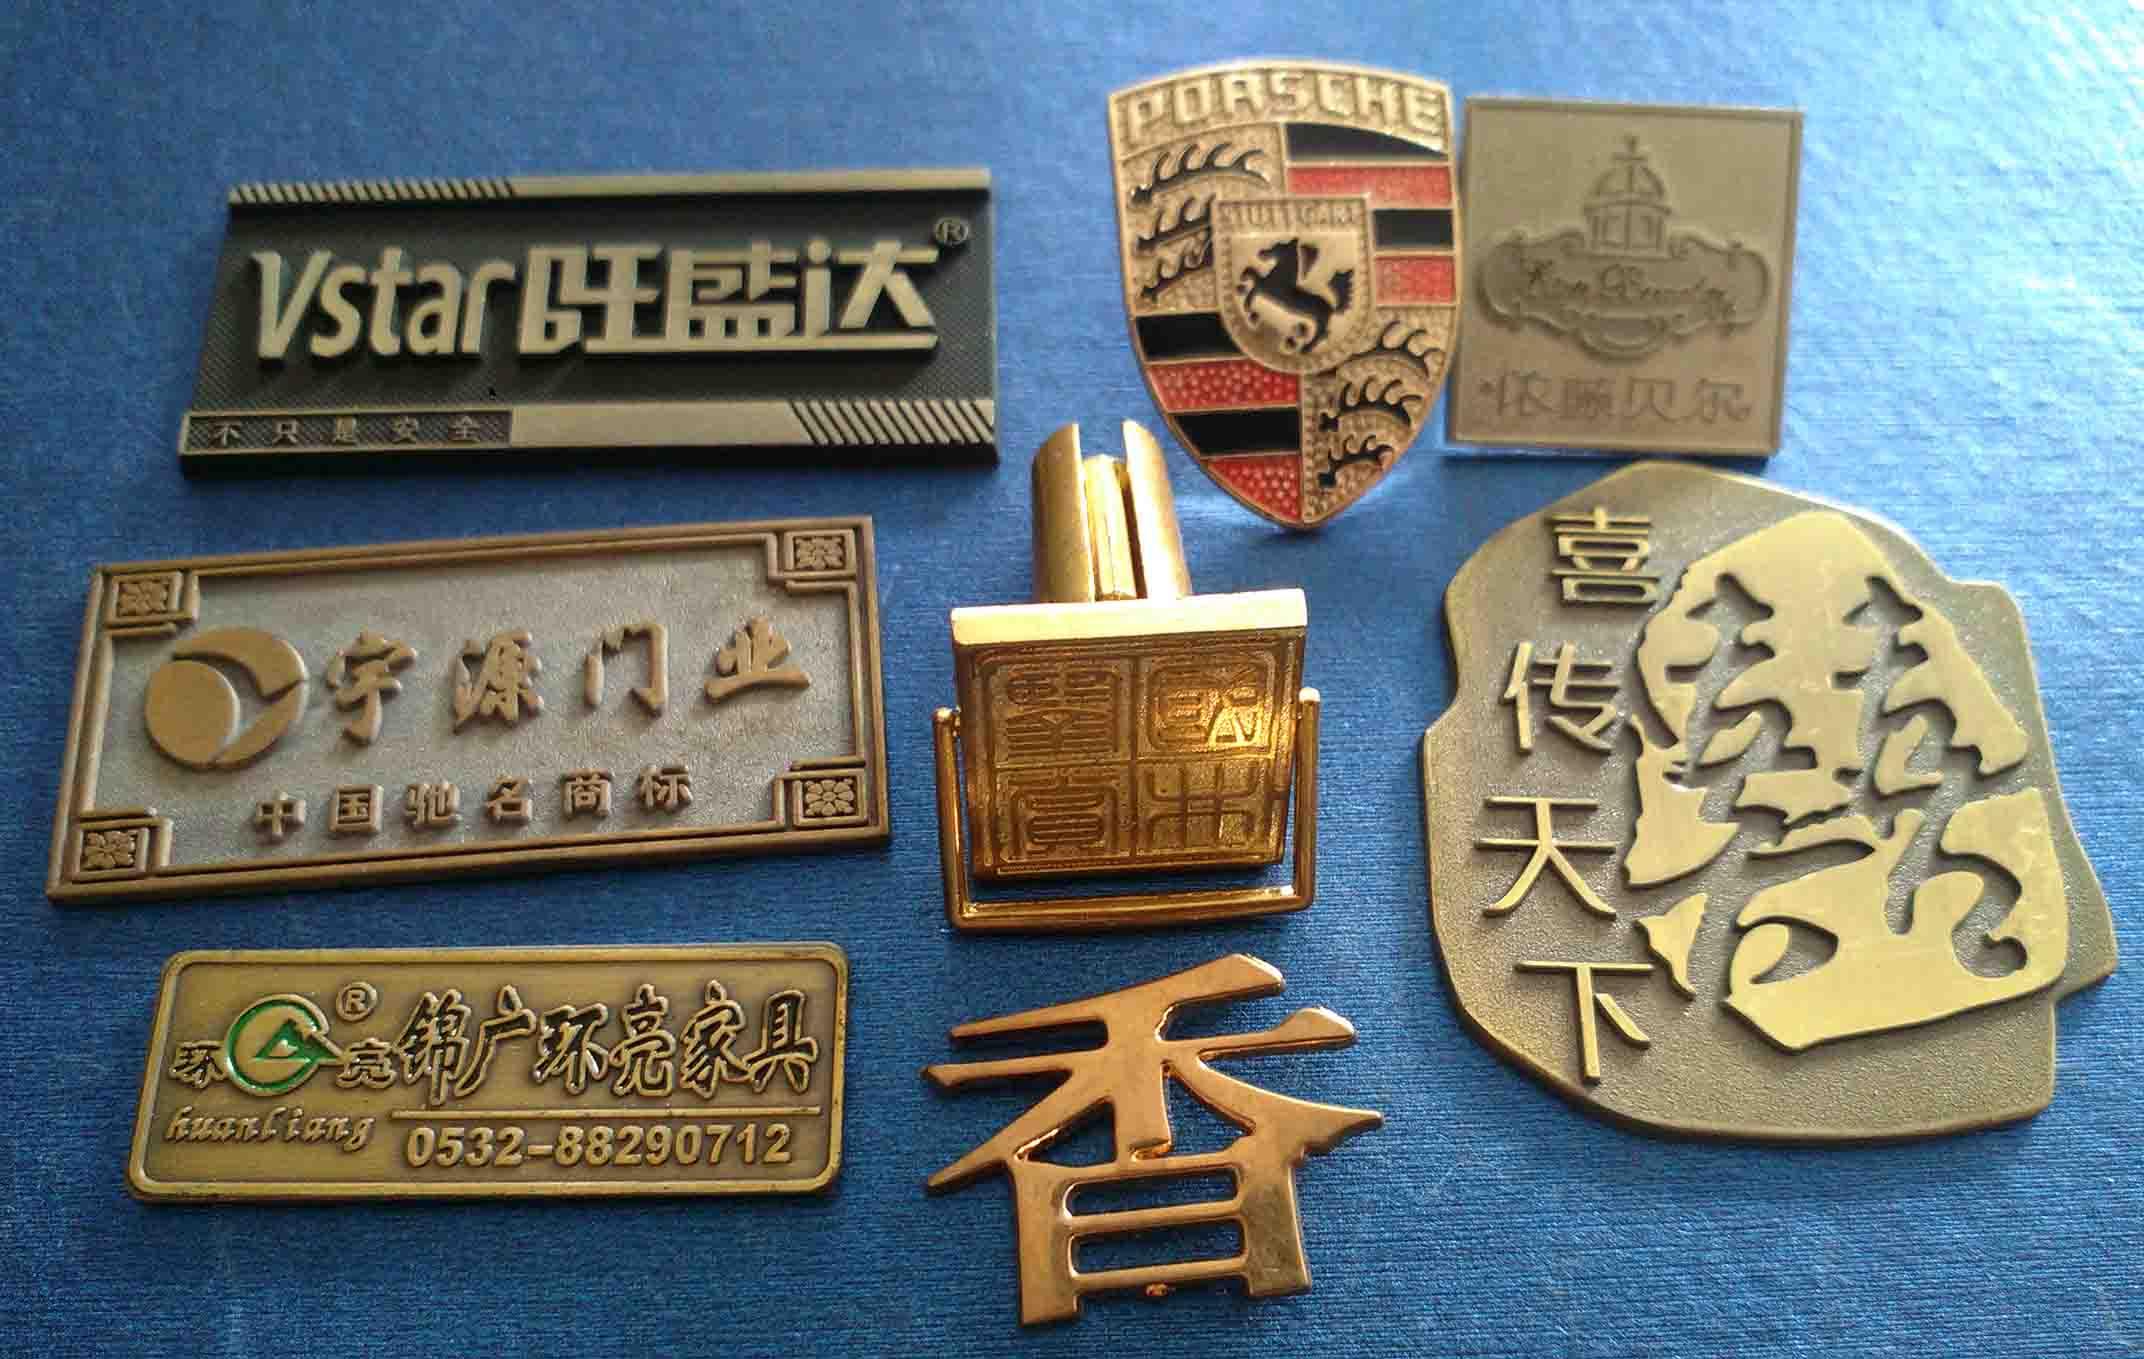 濰坊模具標牌,轉印鋼板,鋁標牌,百利標牌